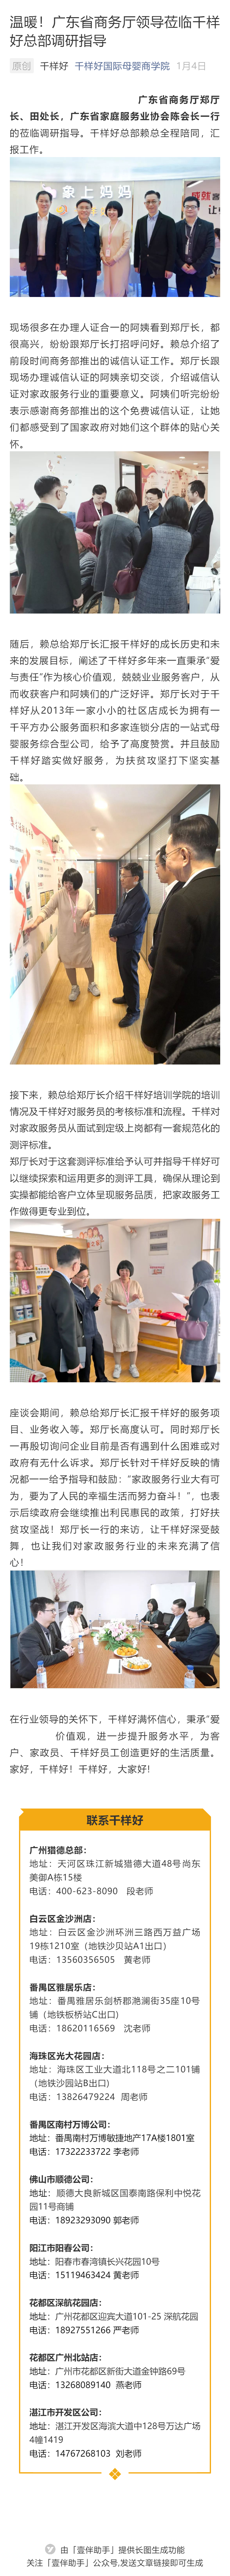 20200222_1452_yiban_screenshot